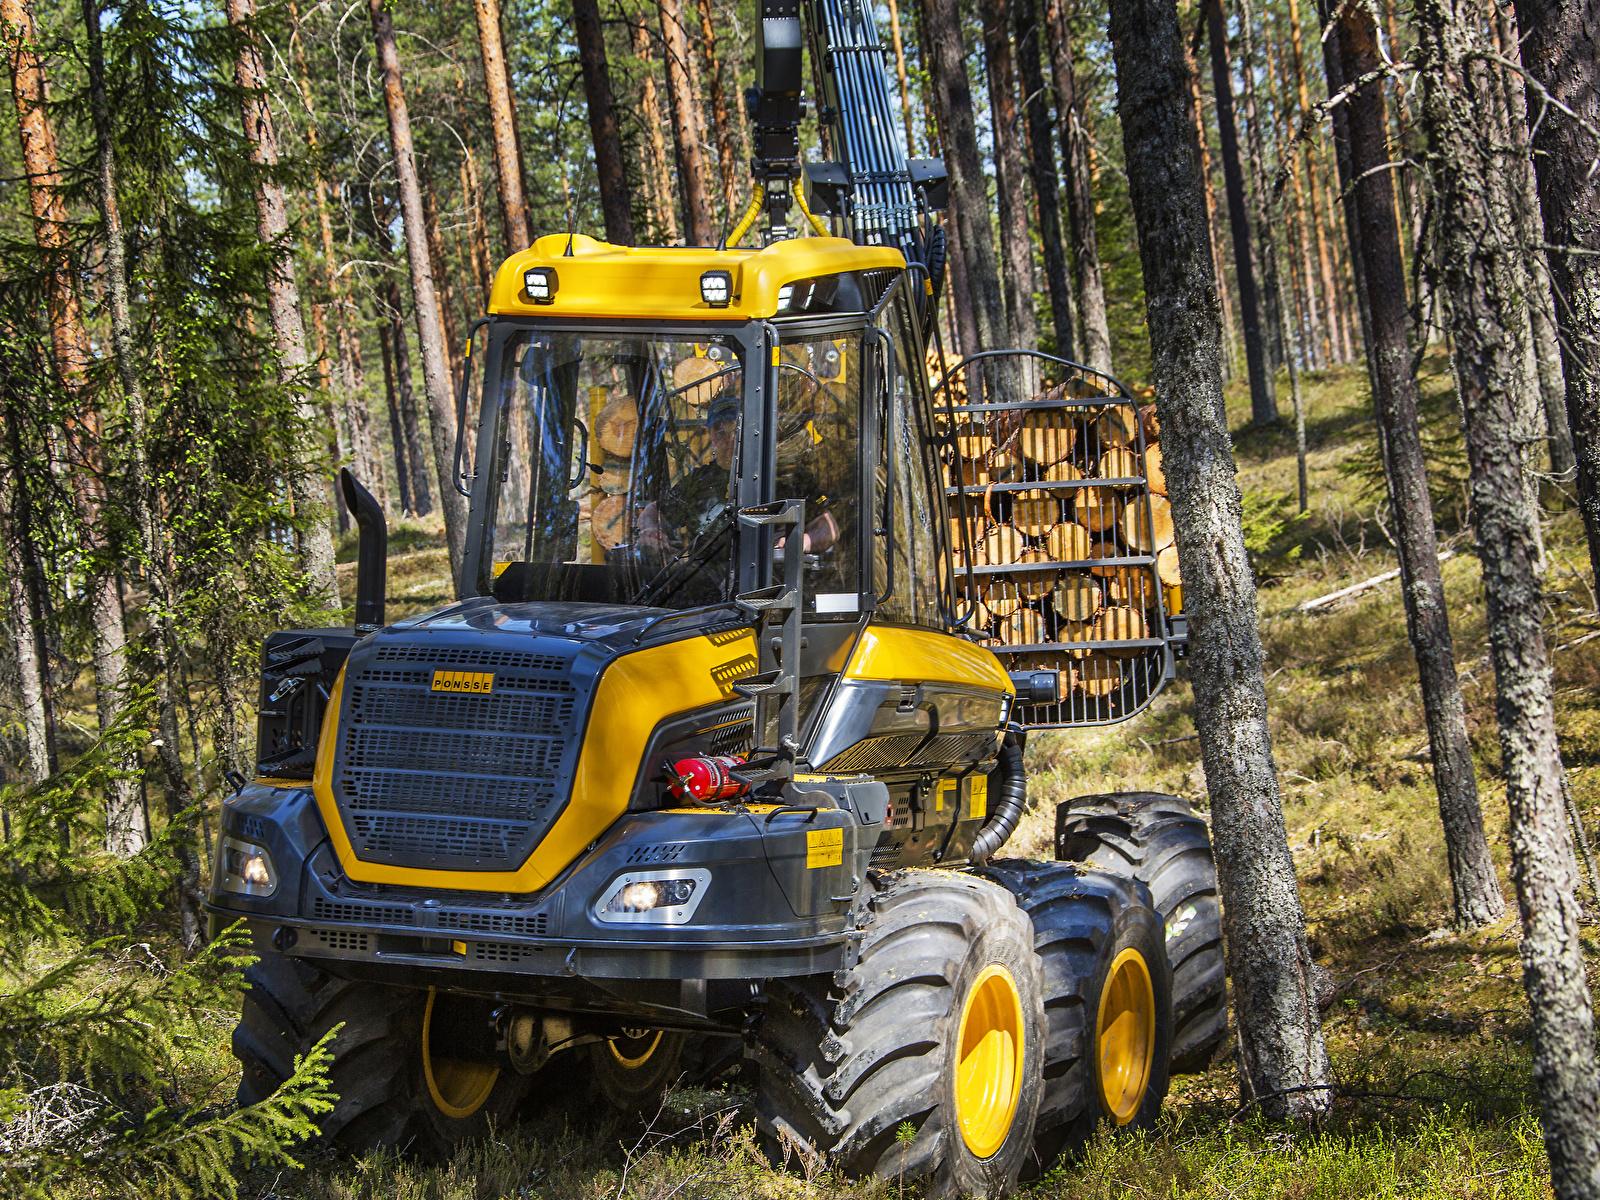 Картинка Форвардер 2014-17 Ponsse Wisent 8w Леса Деревья 1600x1200 лес дерево дерева деревьев